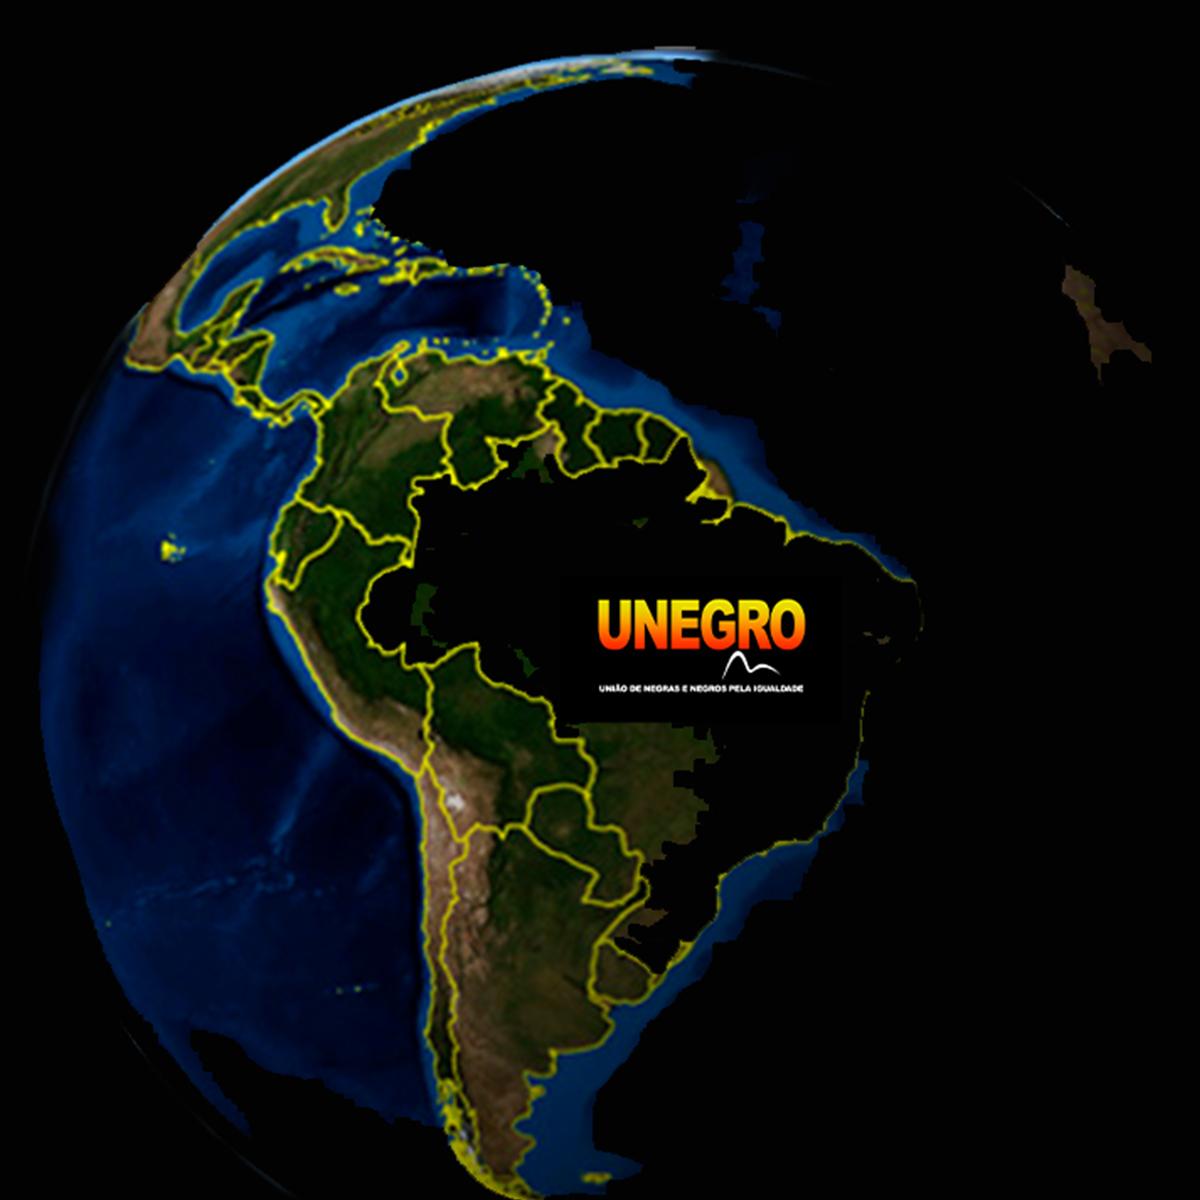 UNEGRO- RIO DE JANEIRO